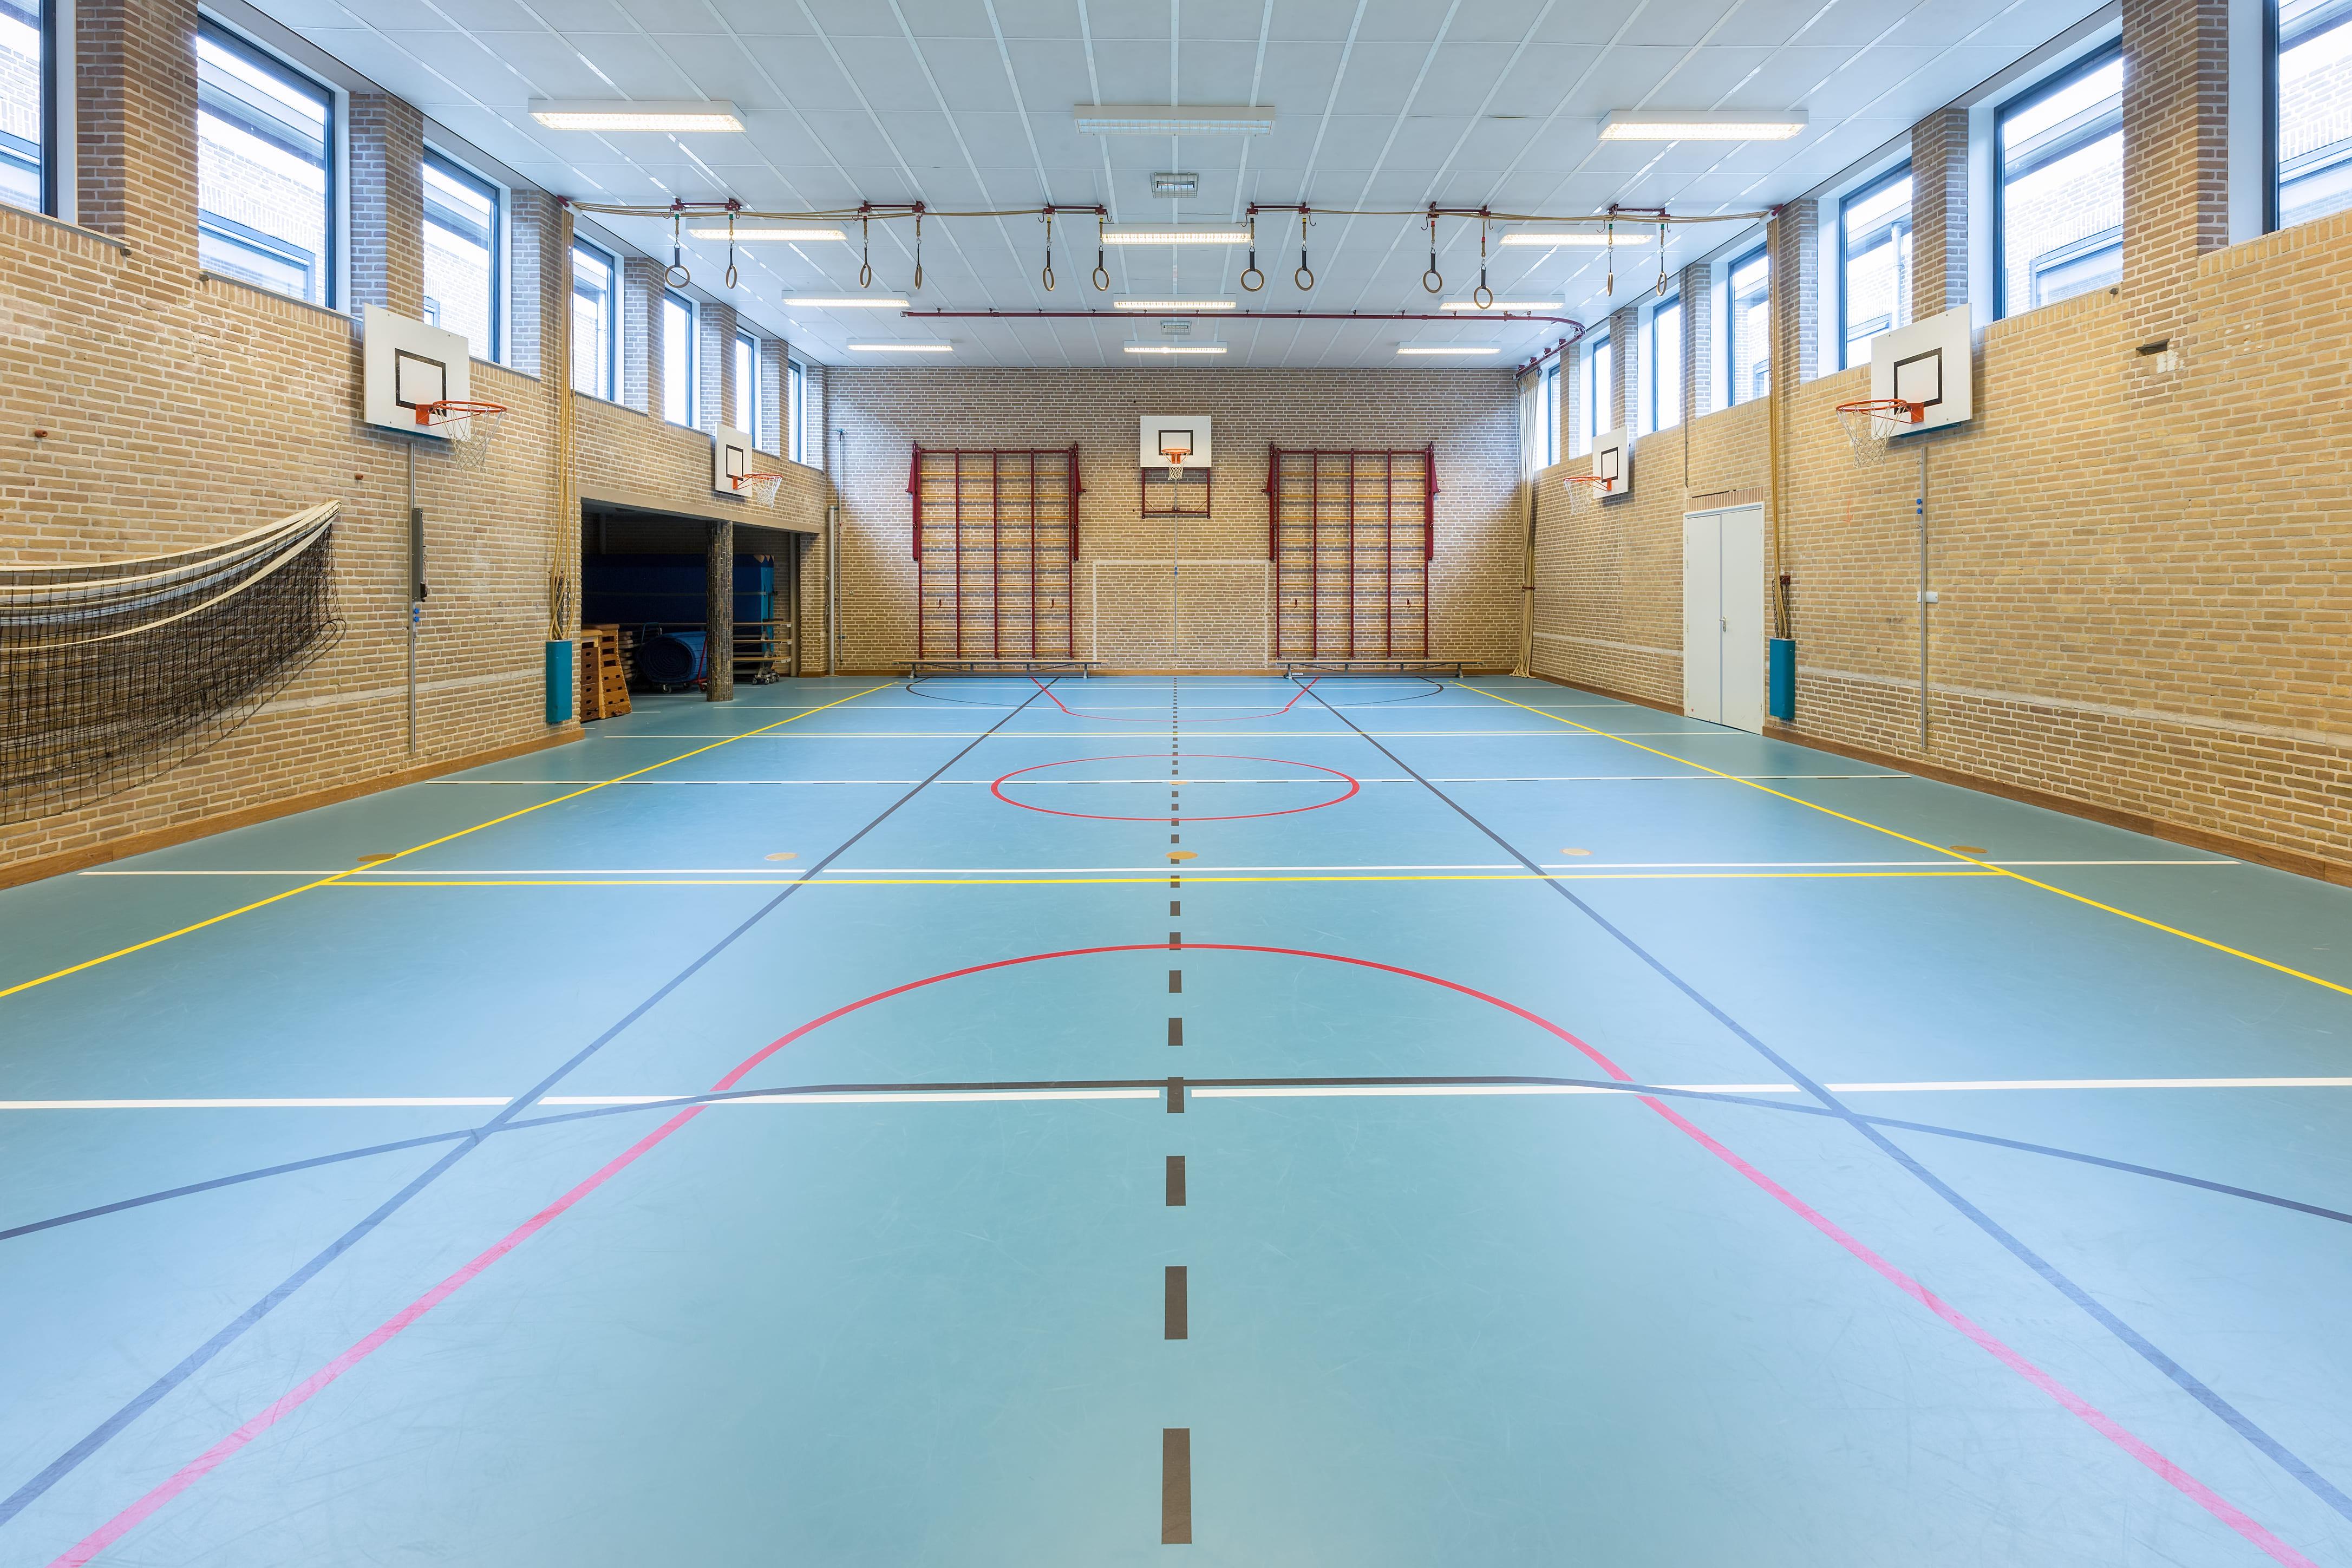 Imagem de uma quadra para remeter quem deseja montar um serviço de locação de quadras esportivas